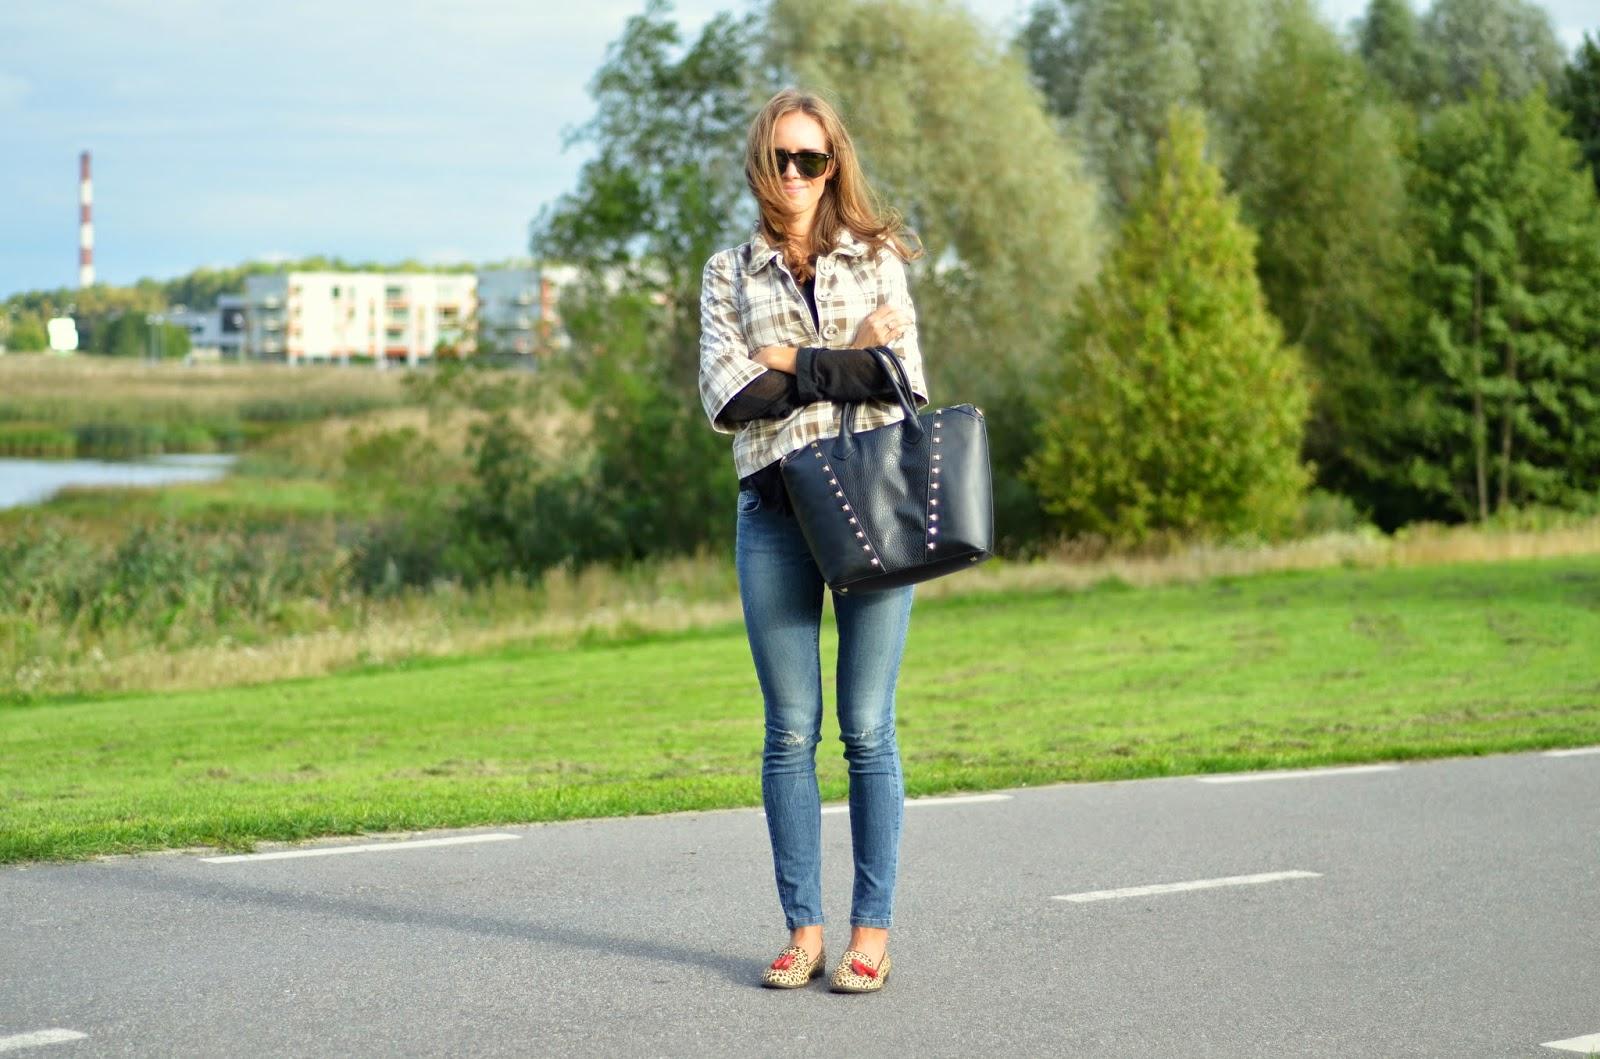 berchka-jacket-zara-jeans-leopard-loafers